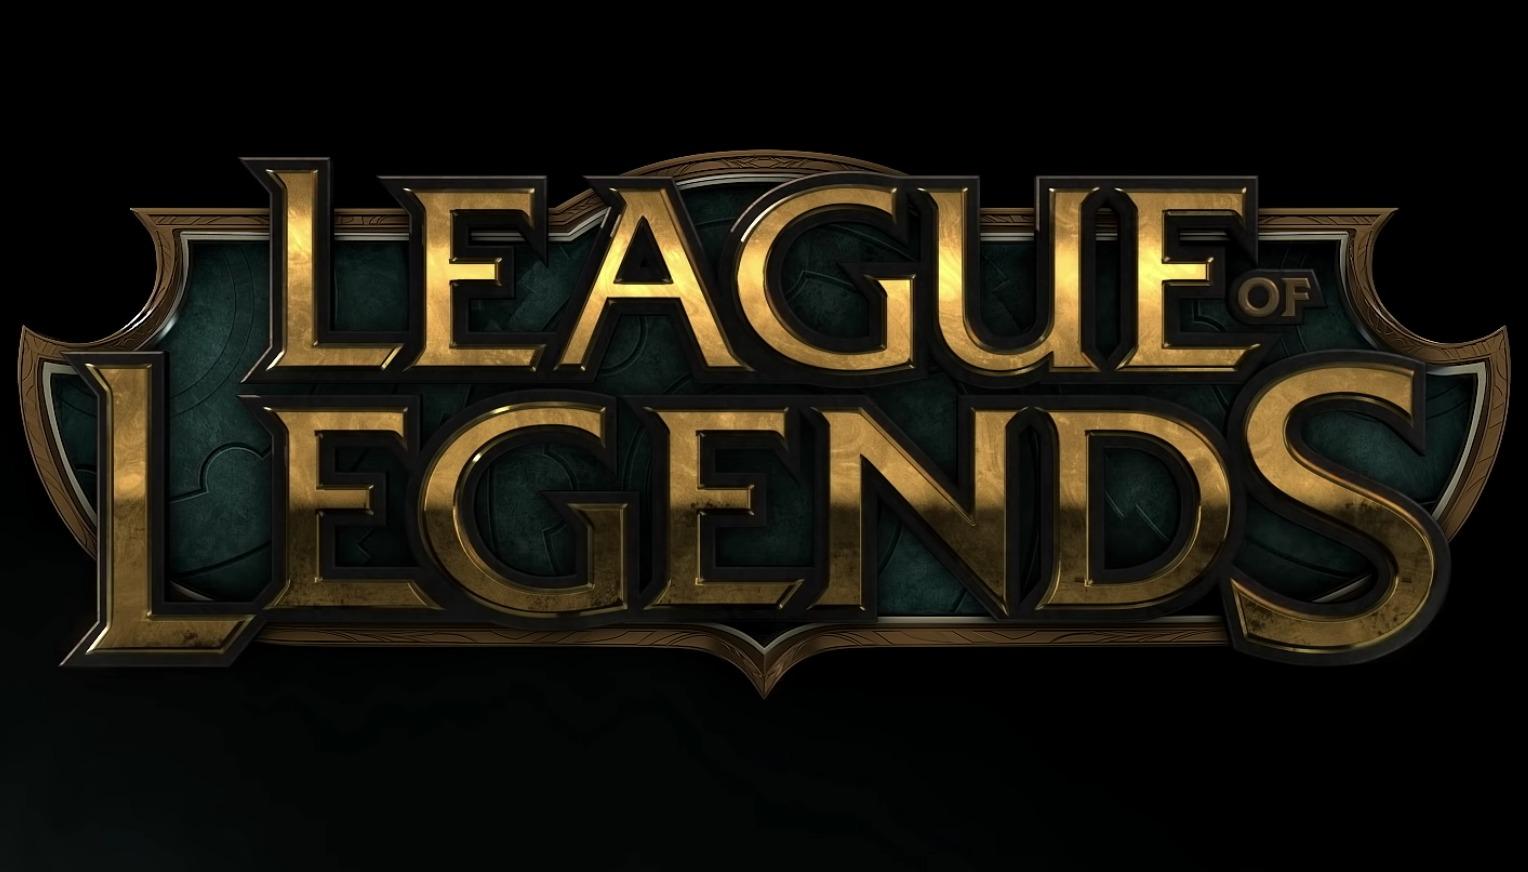 League of Legends Header